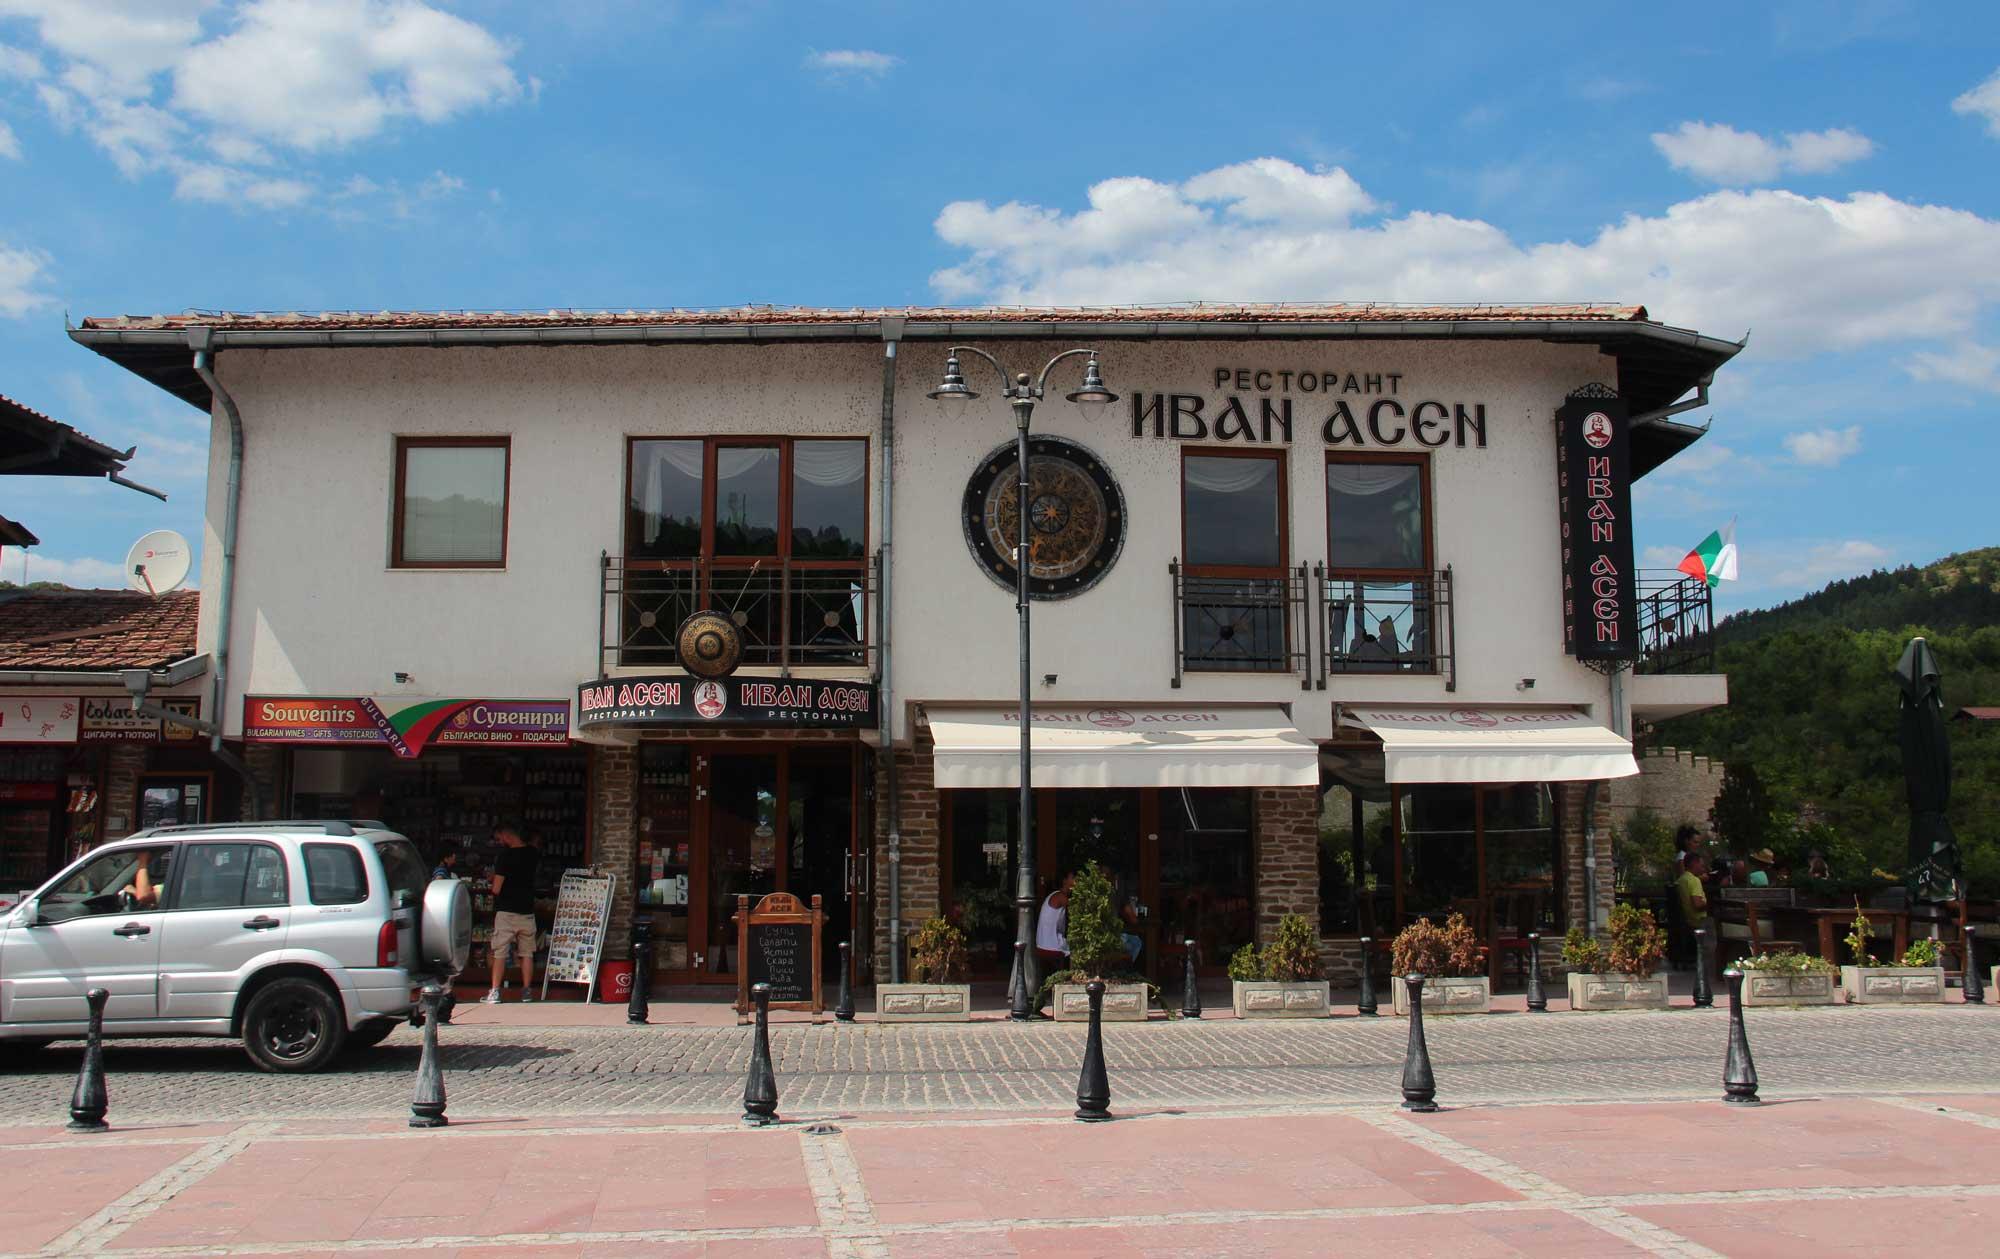 ресторан иван асен на главной площади